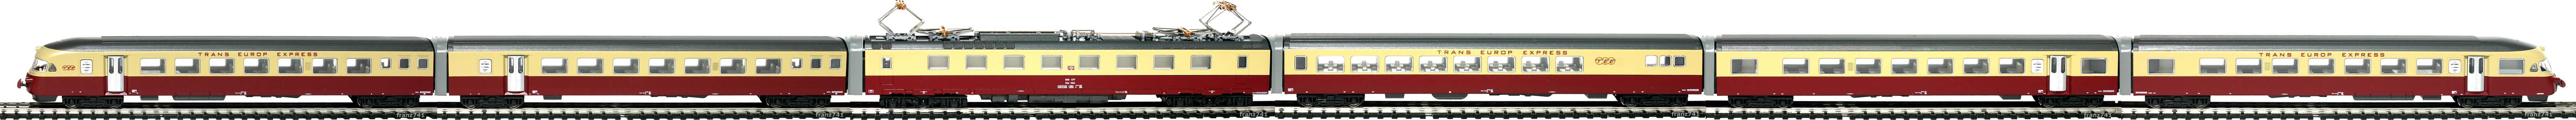 Epoche-III-SBB-Trans-Europ-Express-RAe-TEE-II